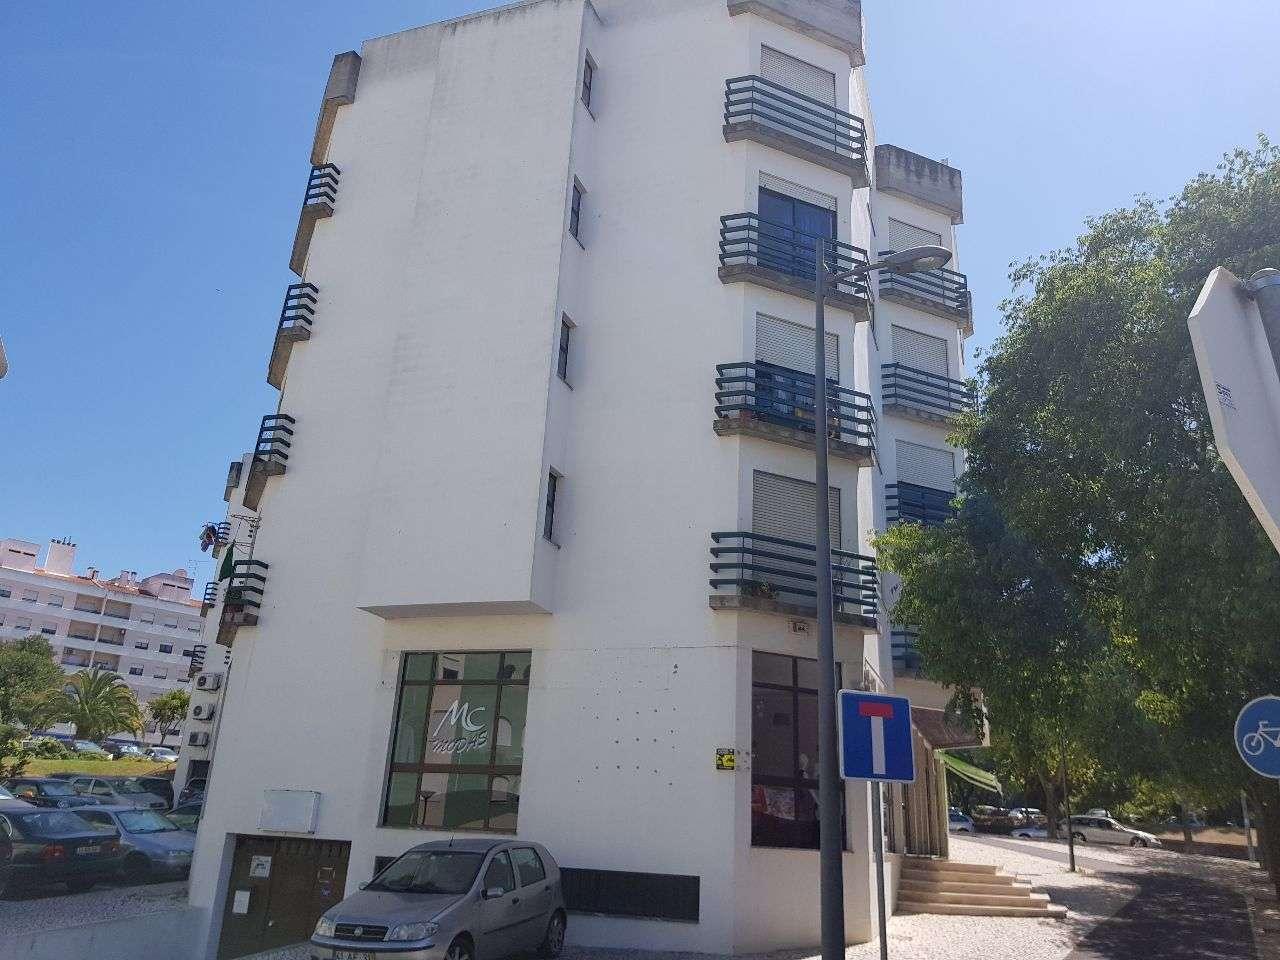 Apartamento para arrendar, Santarém (Marvila), Santa Iria da Ribeira de Santarém, Santarém (São Salvador) e Santarém (São Nicolau), Santarém - Foto 1